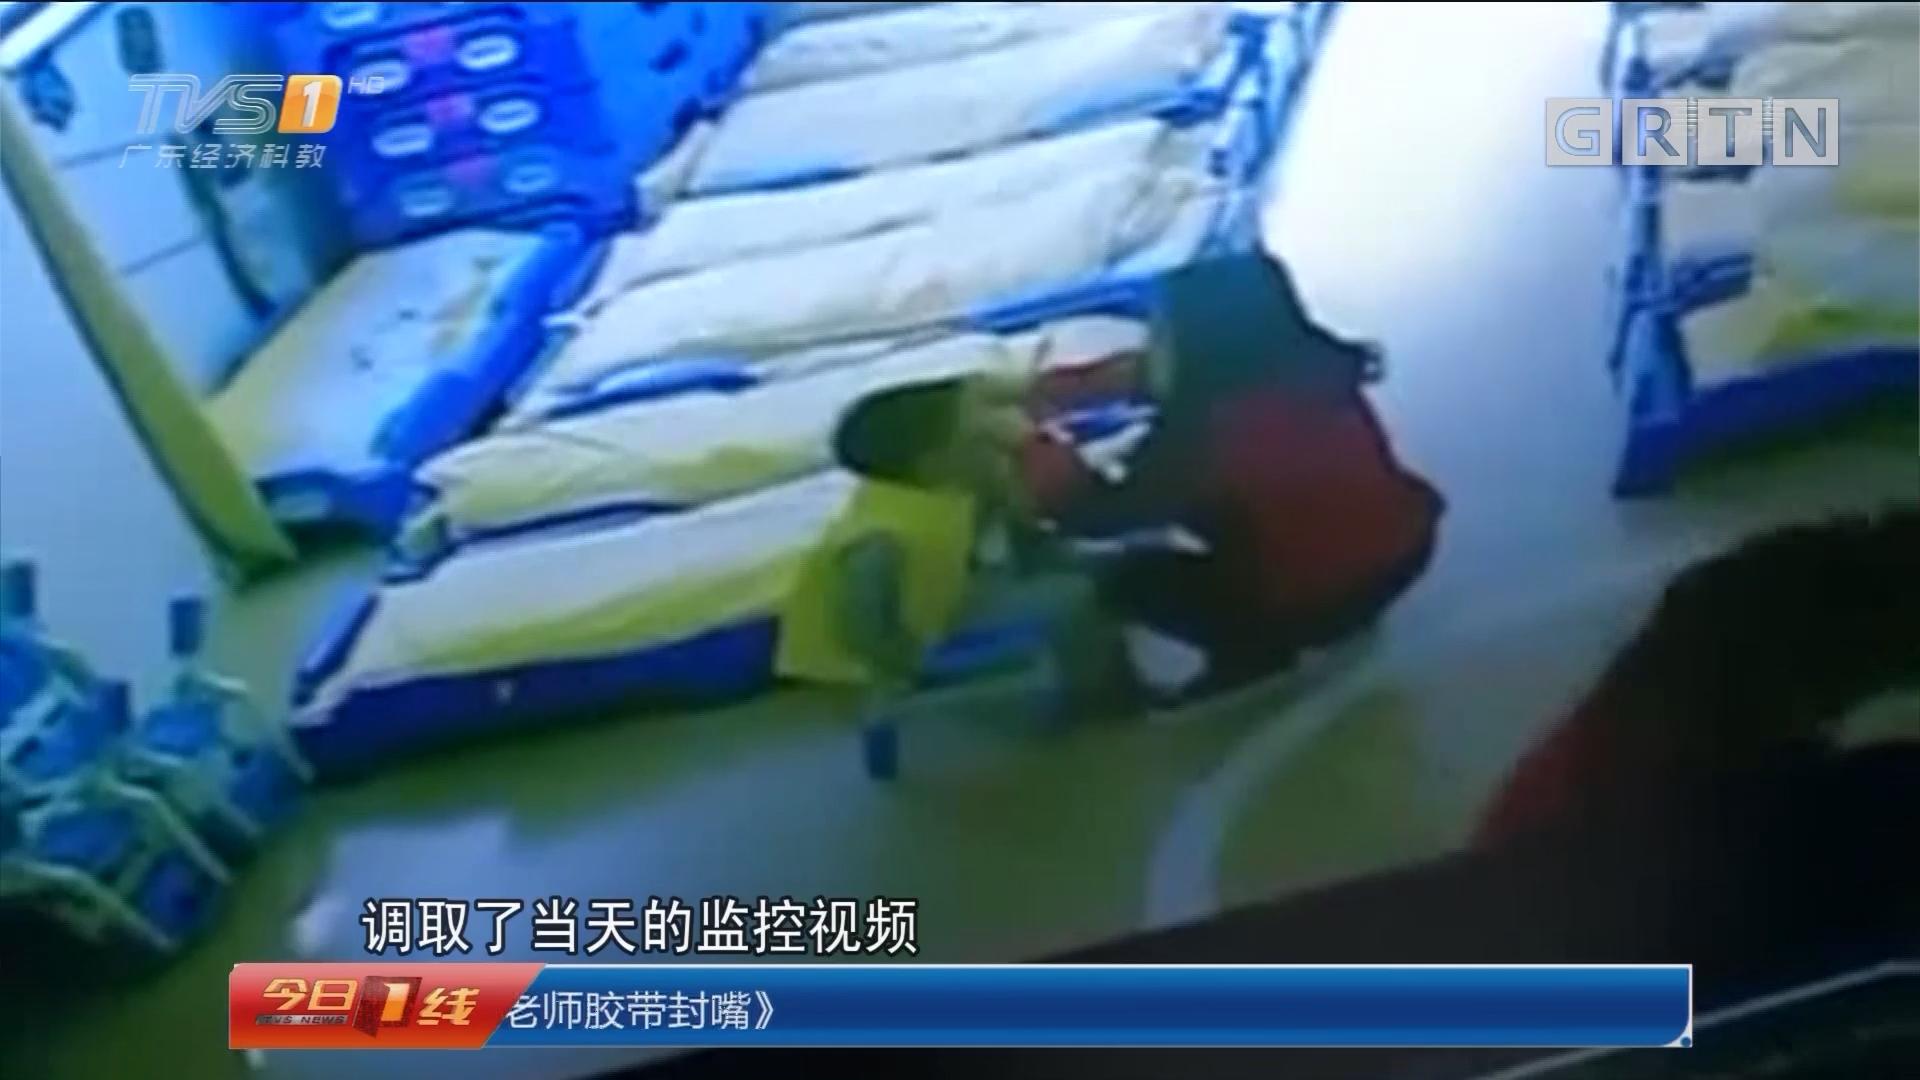 陕西西安:三岁娃遭老师胶带封嘴 老师被开除